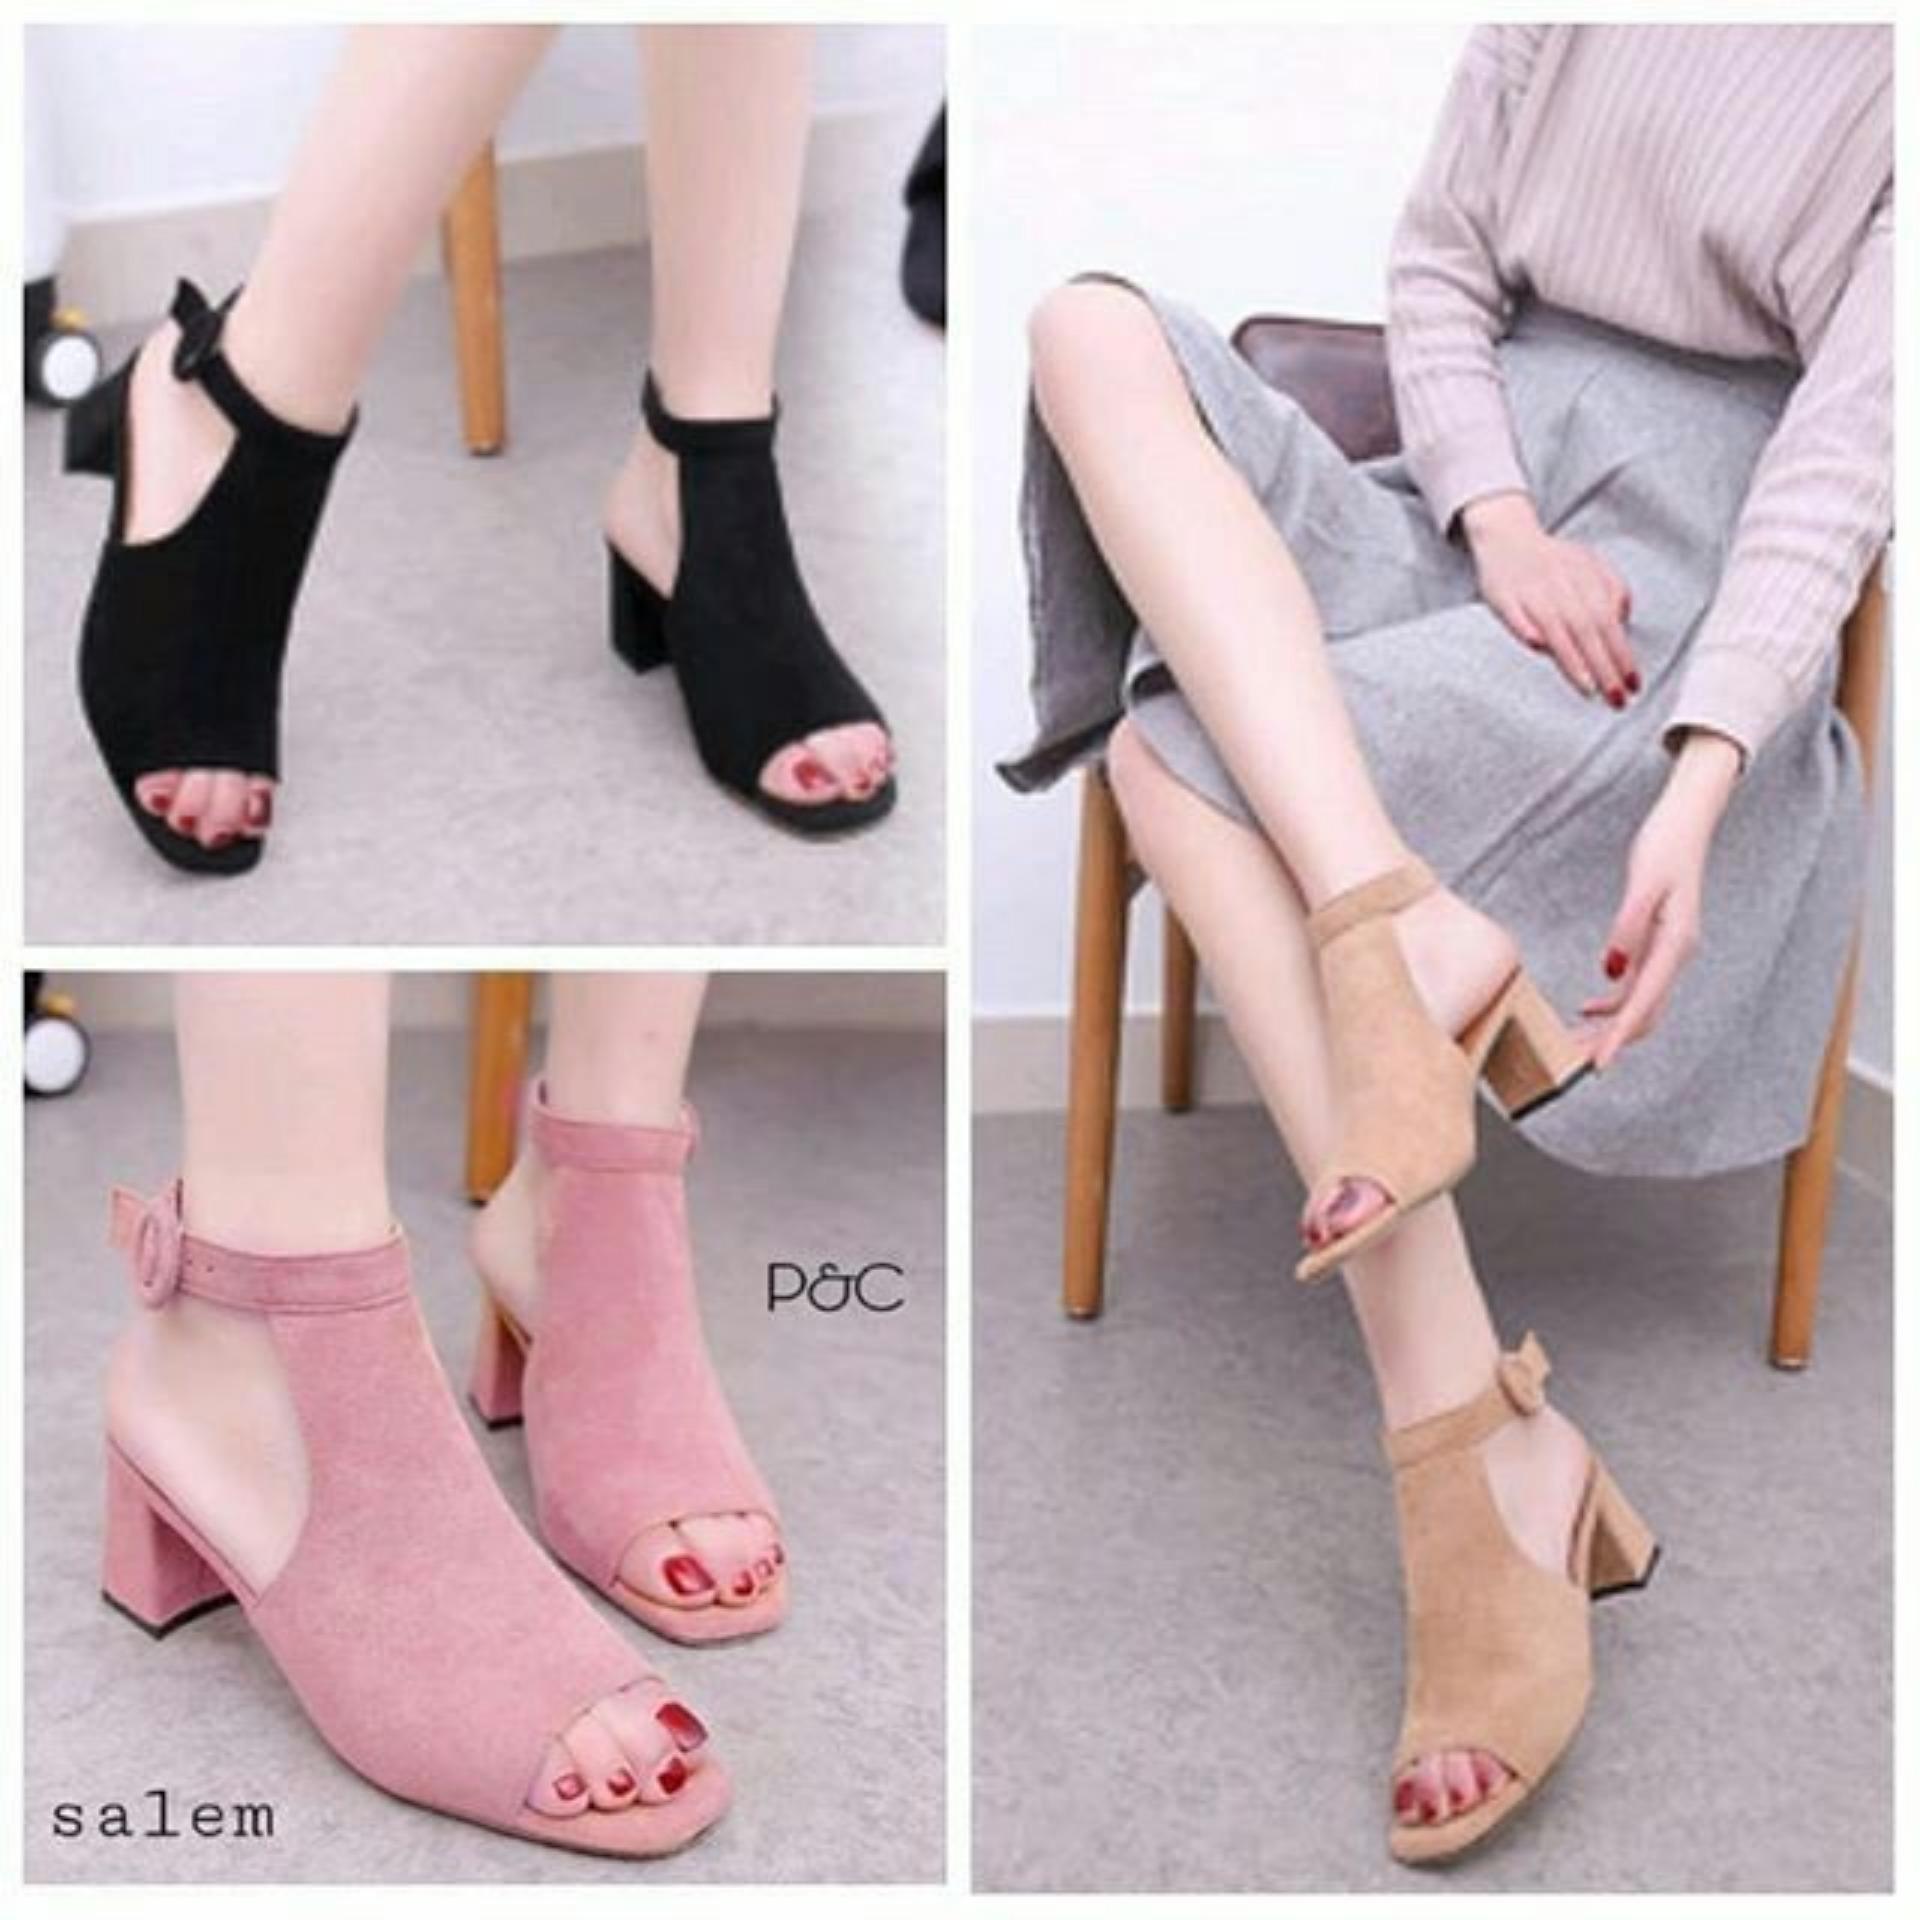 Sepatuafa - High Heels Sepatu Hak Tahu Wanita HANNA AD26 735f7a0f25